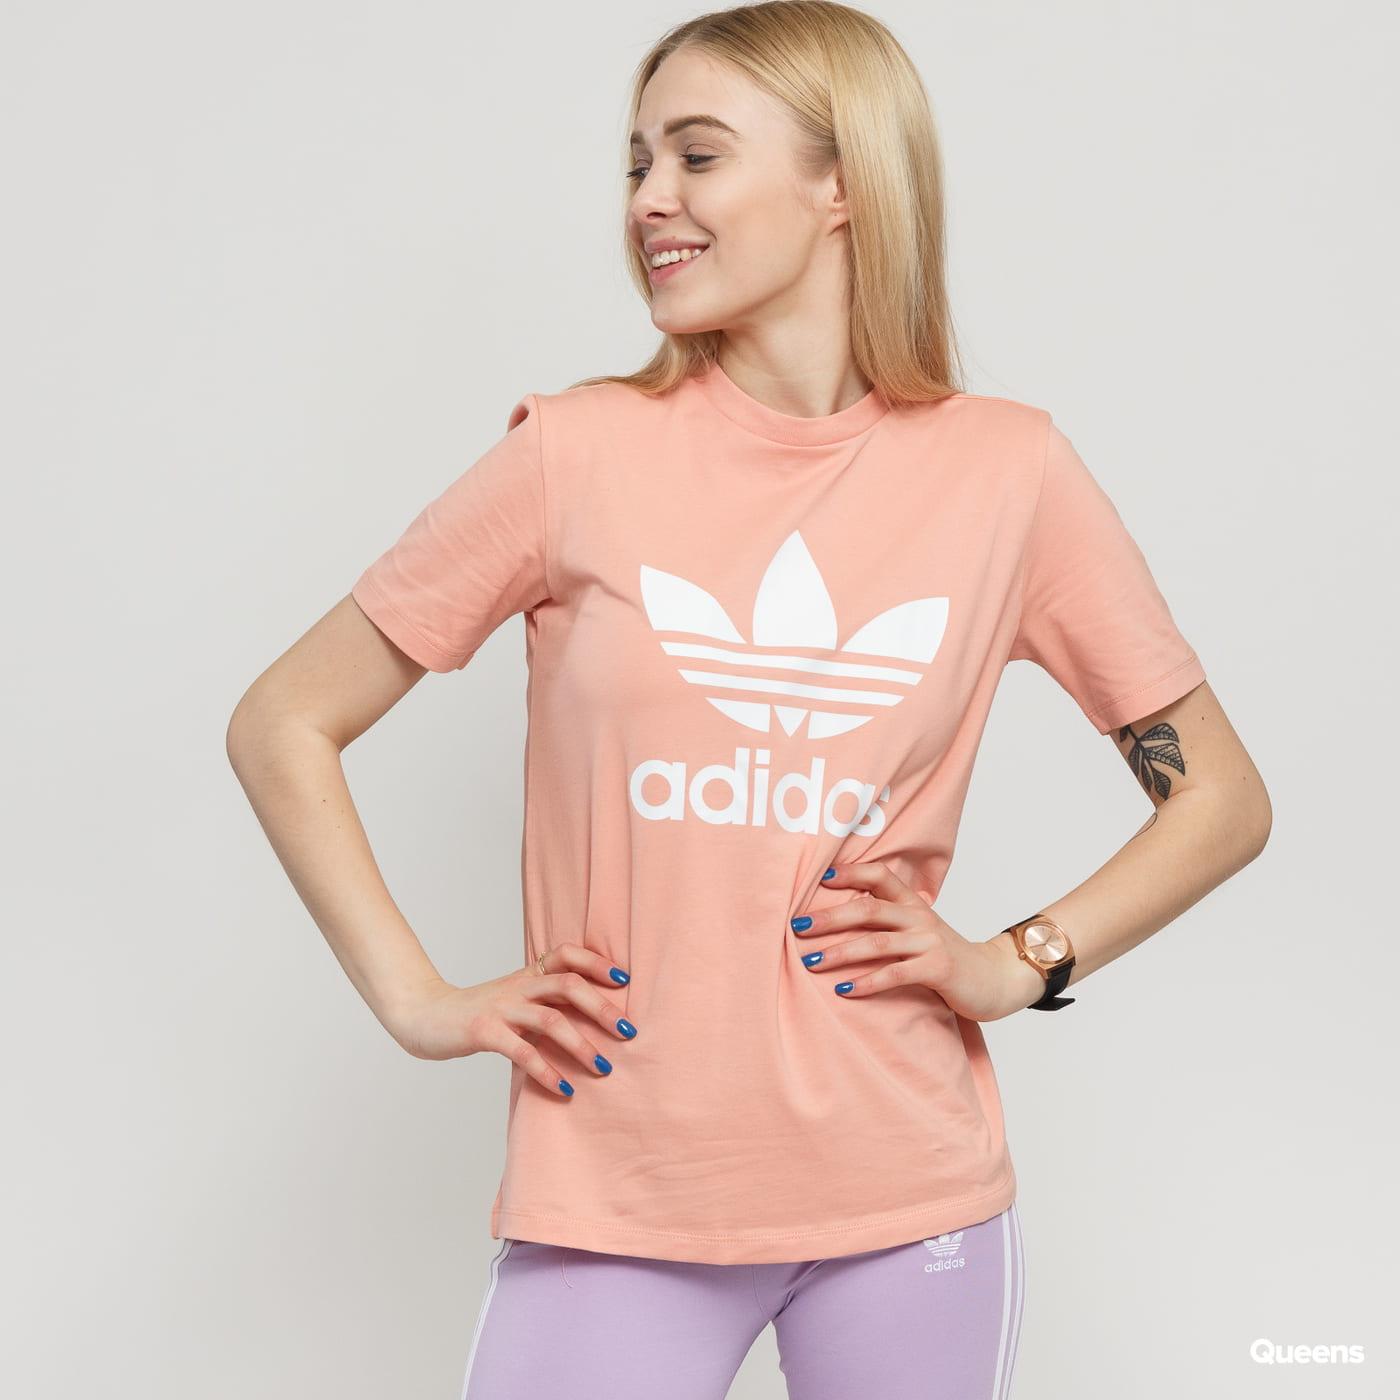 e4d11d4aa003 Dámské tričko adidas Originals Trefoil Tee (DV2587) – Queens 💚